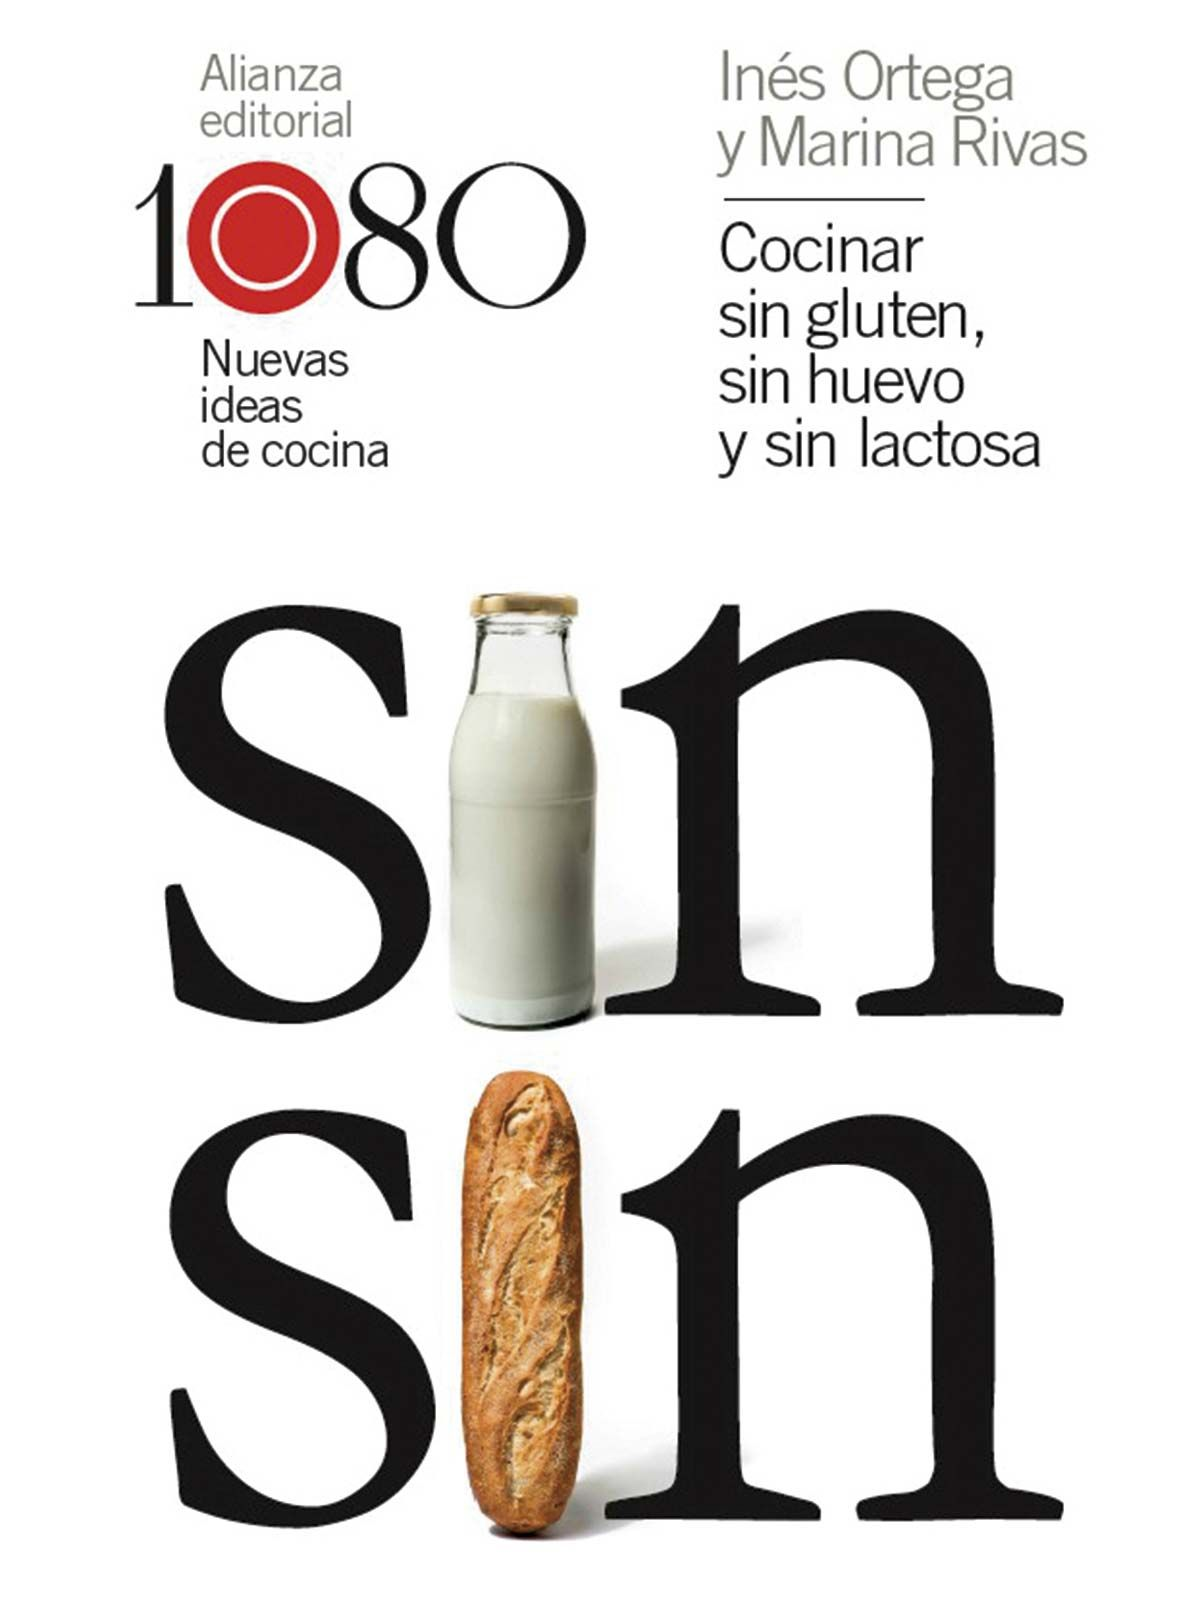 Libro de recetas: Cocinar sin gluten, sin huevo y sin lactosa: 1080 nuevas ideas de cocina